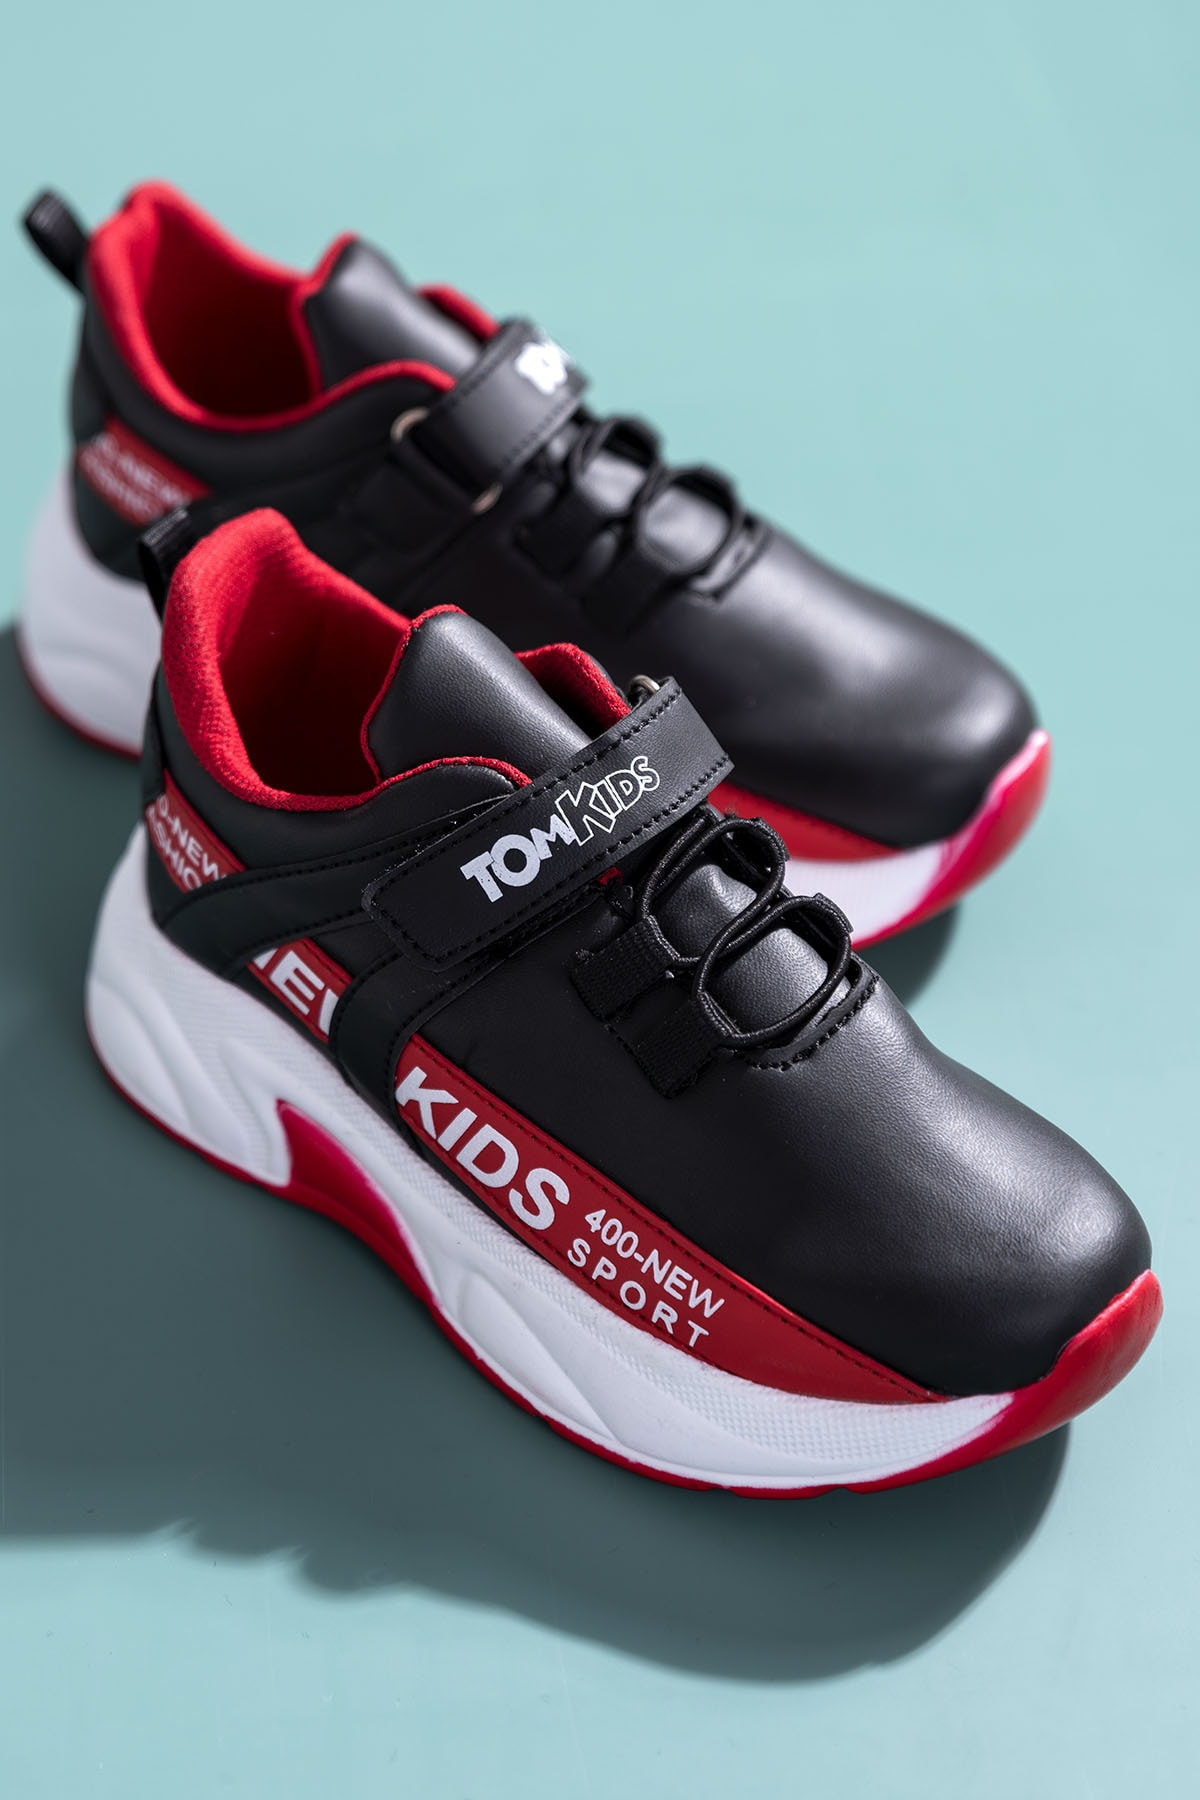 Tonny Black Siyah Kırmızı Çocuk Spor Ayakkabı Dg674